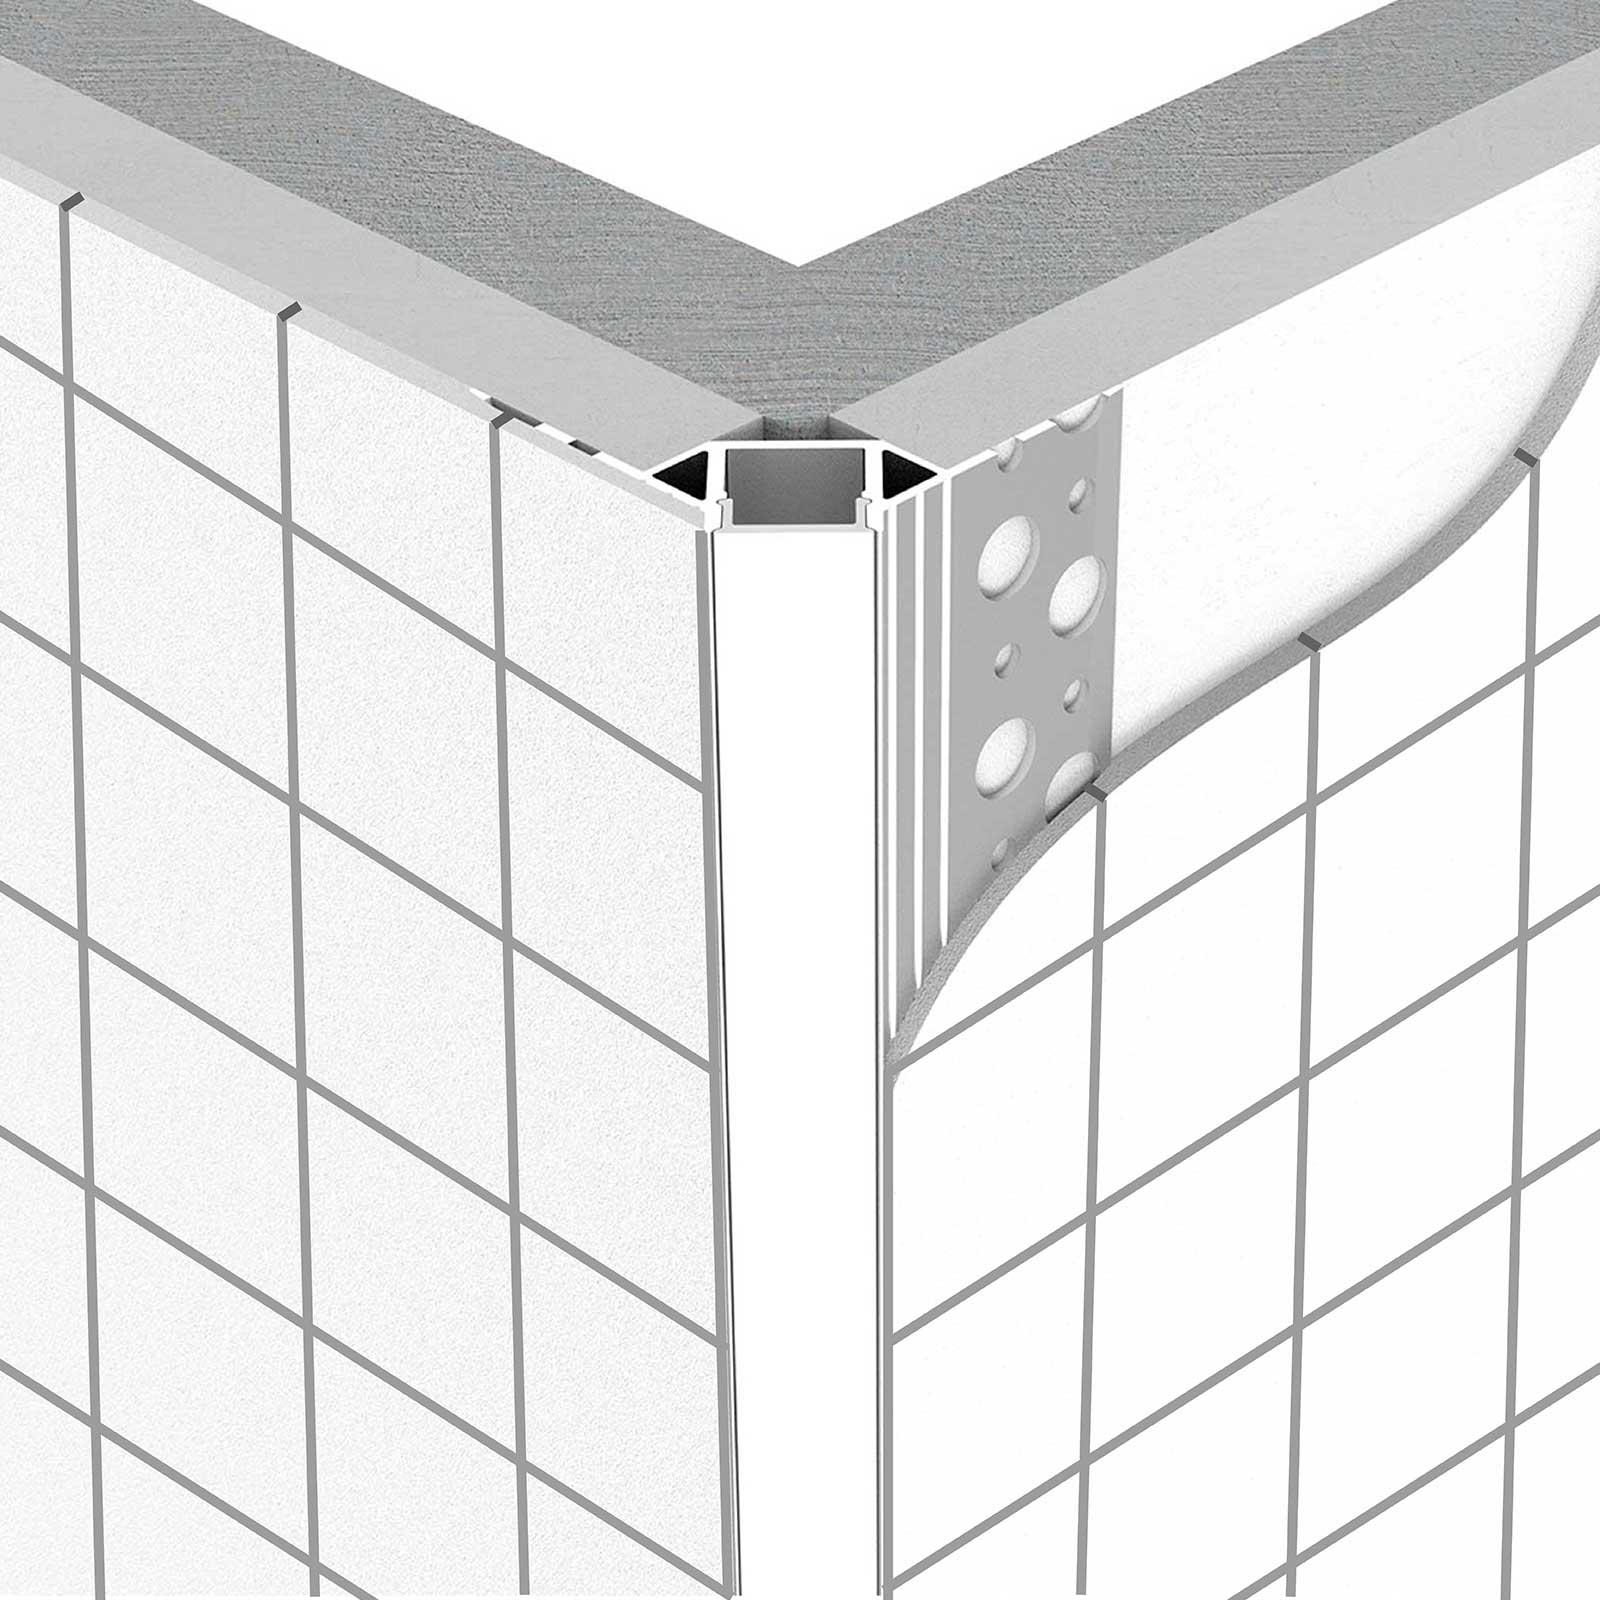 Montage 2 Meter LED Außeneck-Aluprofil ARES (AR) für Trockenbau Rigipswand Fliesenspiegel